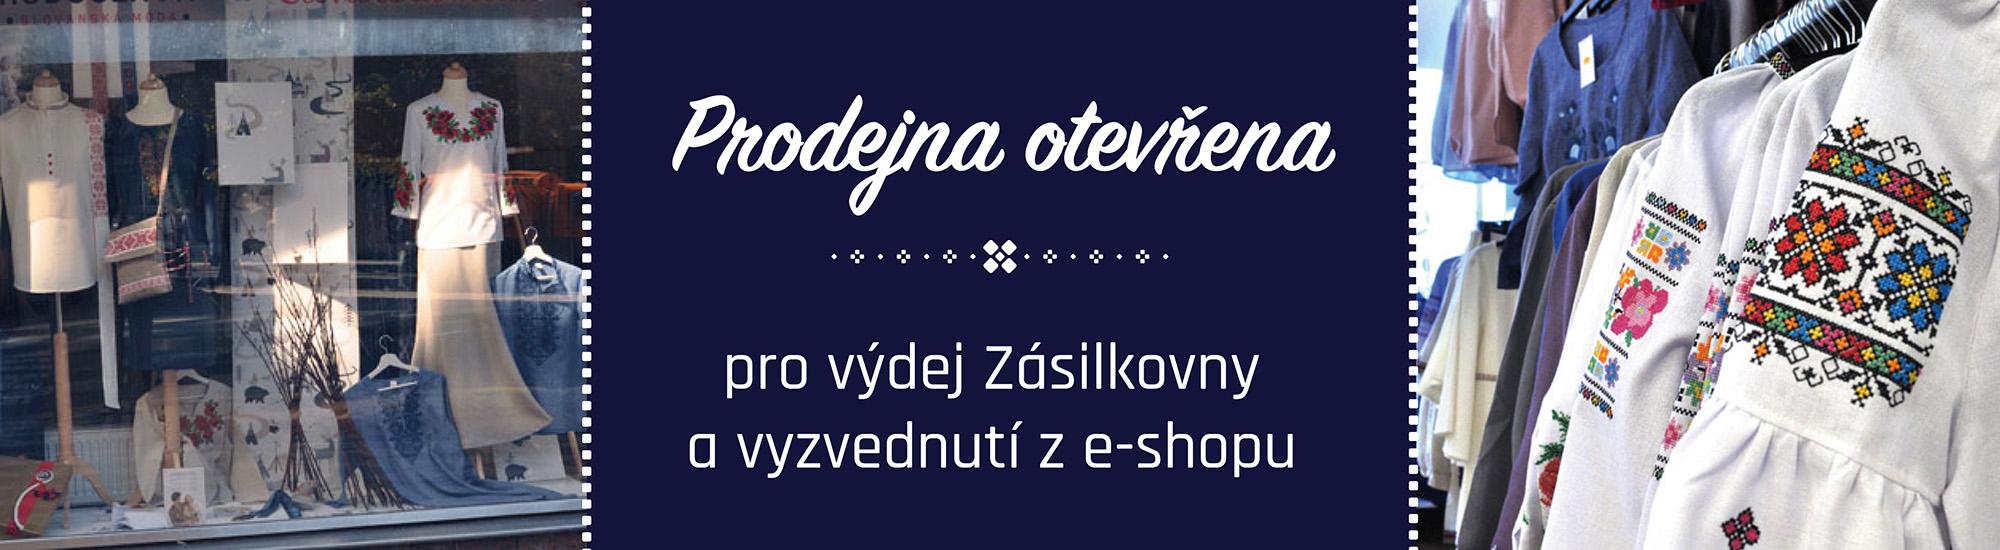 Otevřeno pro vyzvednutí balíků Zásiilkovny a e-shopu